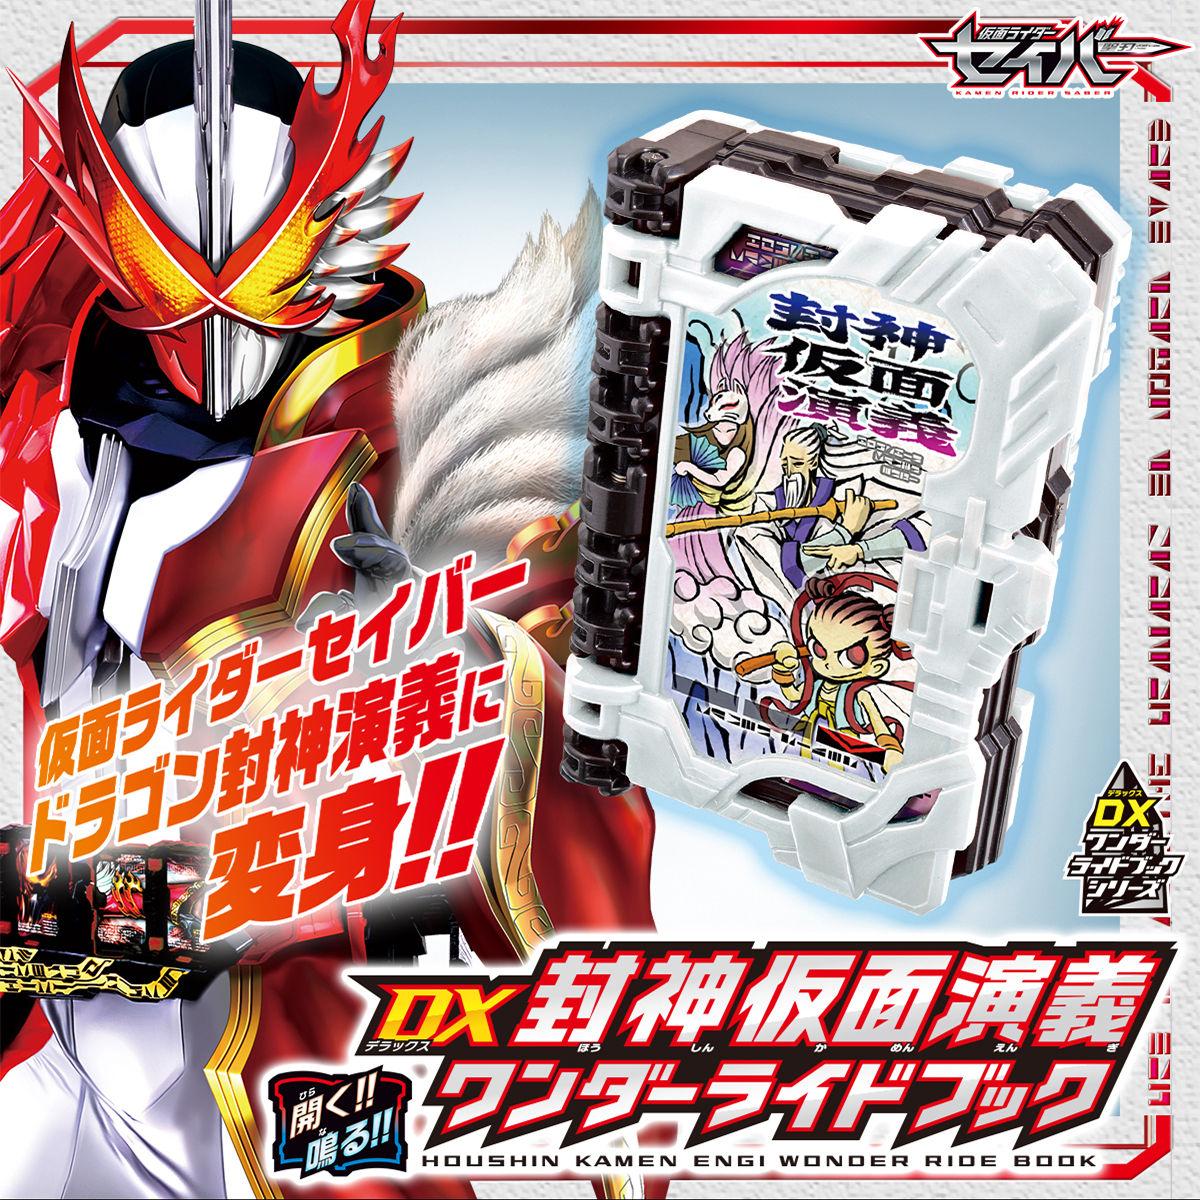 仮面ライダーセイバー『DXアルターライドブックセット』変身なりきり-001